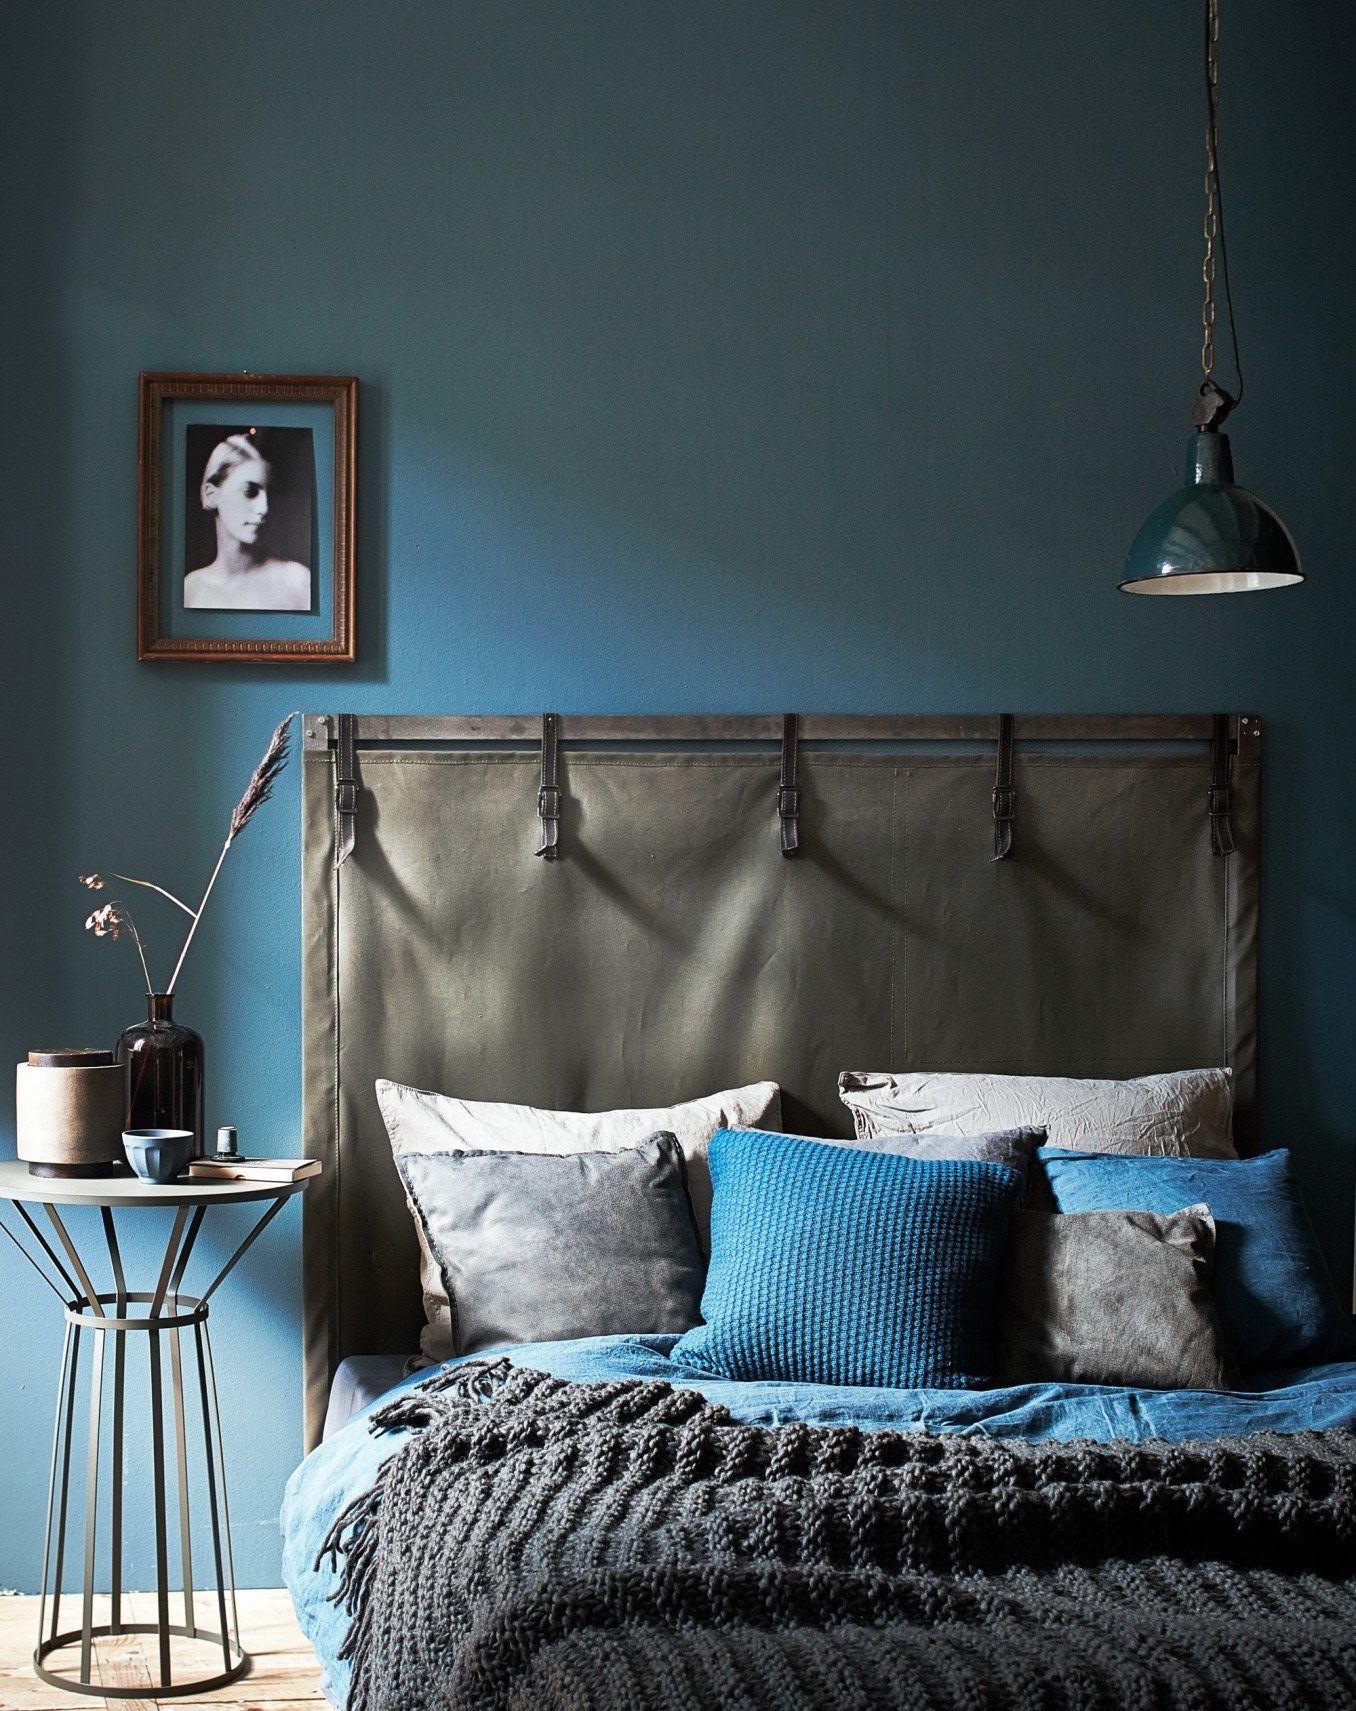 Awesome Bleu Grisé, Bleu Profond, Bleu Pâleu2026tous Les Bleus Sont Dans Ma Nature